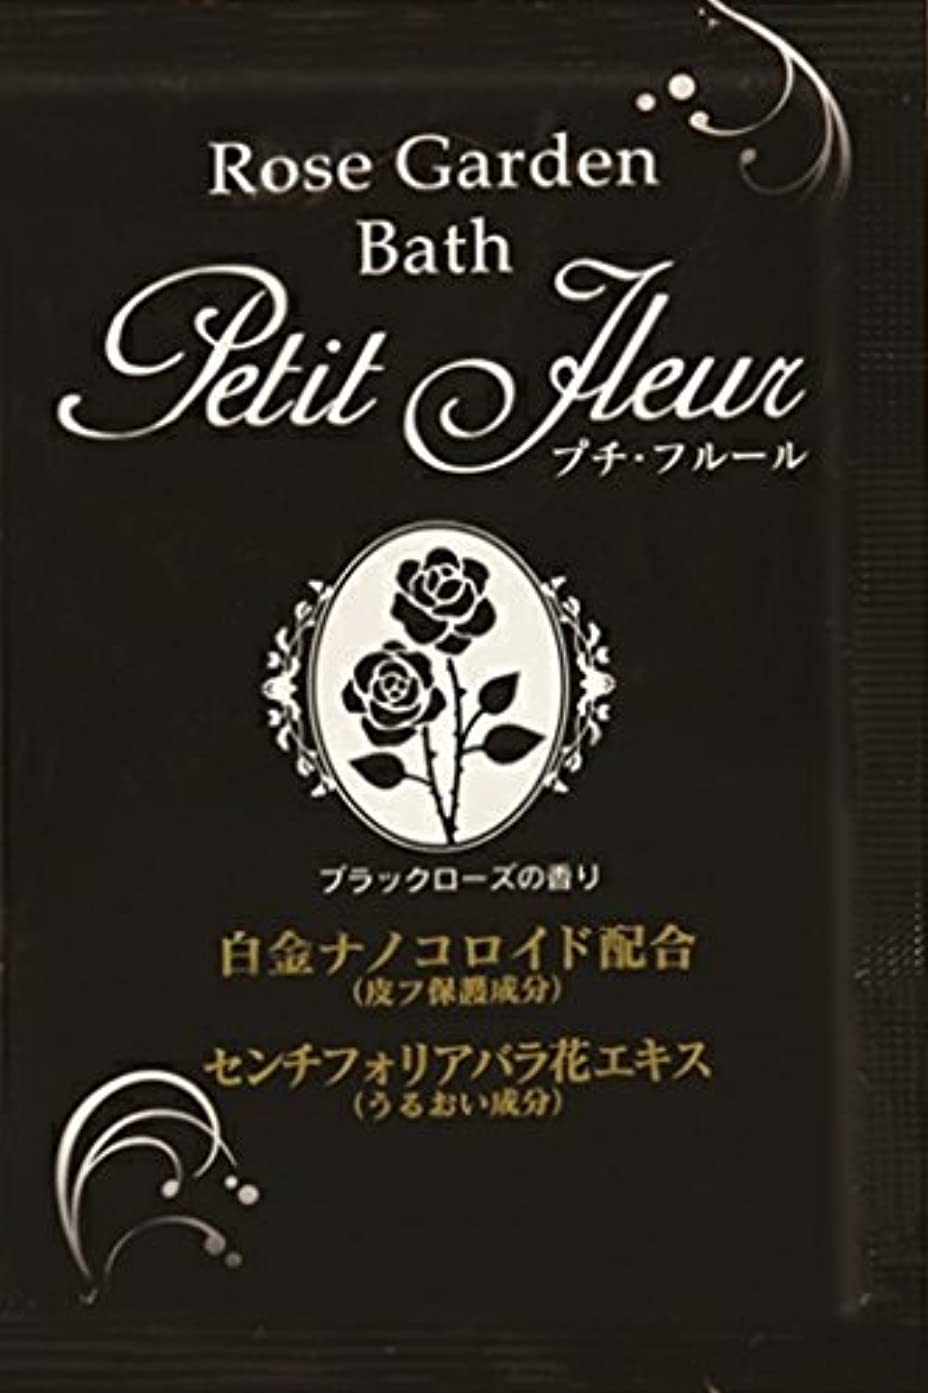 ポーン倒産円形の入浴剤 プチフル-ル(ブラックロ-ズの香り)20g